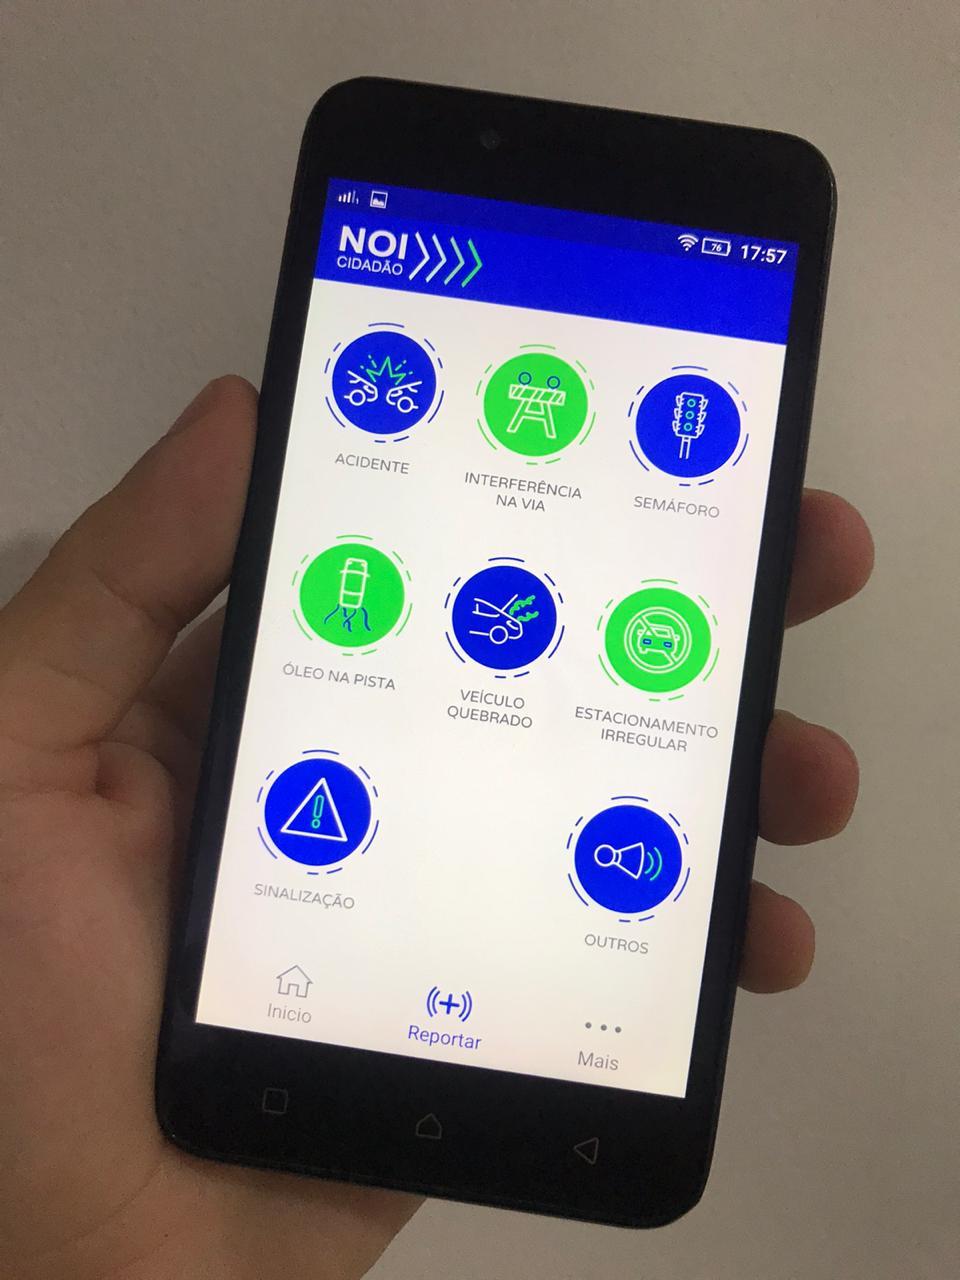 Prefeitura lança aplicativo para atender ocorrências de trânsito